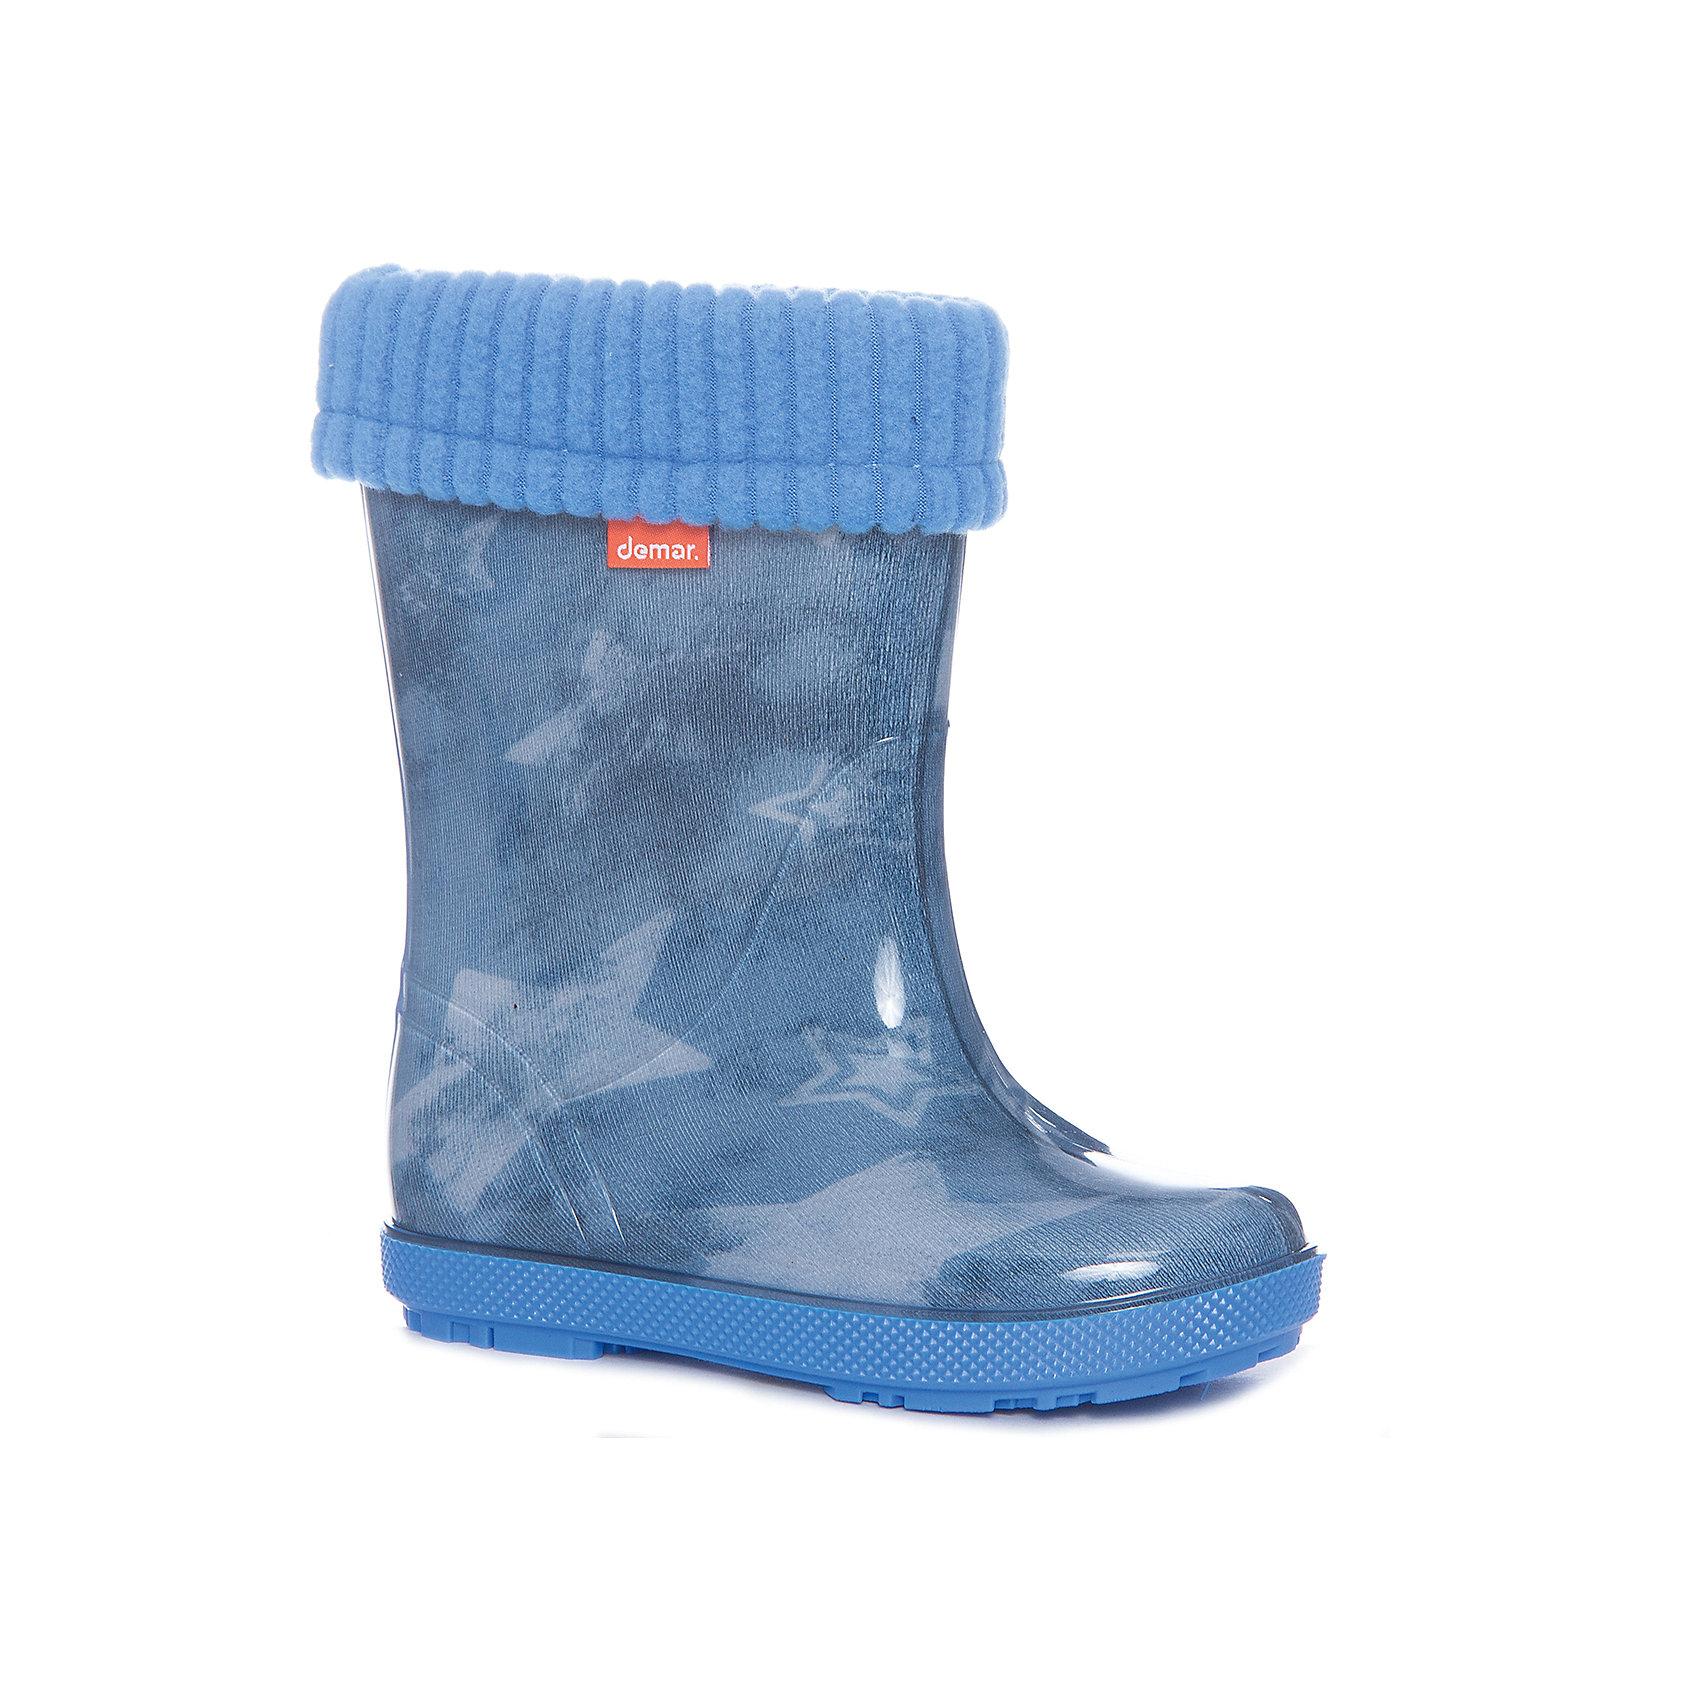 Резиновые сапоги Hawai Lux Print для мальчика DEMARРезиновые сапоги<br>Характеристики товара:<br><br>• цвет: голубой<br>• материал верха: ПВХ<br>• материал подкладки: текстиль <br>• материал подошвы: ПВХ<br>• температурный режим: от 0° до +15° С<br>• верх не продувается<br>• съемный чулок<br>• стильный дизайн<br>• страна бренда: Польша<br>• страна изготовитель: Польша<br><br>Осенью и весной ребенку не обойтись без непромокаемых сапожек! Чтобы не пропустить главные удовольствия межсезонья, нужно запастись удобной обувью. Такие сапожки обеспечат ребенку необходимый для активного отдыха комфорт, а подкладка из текстиля позволит ножкам оставаться теплыми. Сапожки легко надеваются и снимаются, отлично сидят на ноге. Они удивительно легкие!<br>Обувь от польского бренда Demar - это качественные товары, созданные с применением новейших технологий и с использованием как натуральных, так и высокотехнологичных материалов. Обувь отличается стильным дизайном и продуманной конструкцией. Изделие производится из качественных и проверенных материалов, которые безопасны для детей.<br><br>Сапожки от бренда Demar (Демар) можно купить в нашем интернет-магазине.<br><br>Ширина мм: 257<br>Глубина мм: 180<br>Высота мм: 130<br>Вес г: 420<br>Цвет: синий<br>Возраст от месяцев: 36<br>Возраст до месяцев: 48<br>Пол: Мужской<br>Возраст: Детский<br>Размер: 26/27,22/23,24/25<br>SKU: 4916640